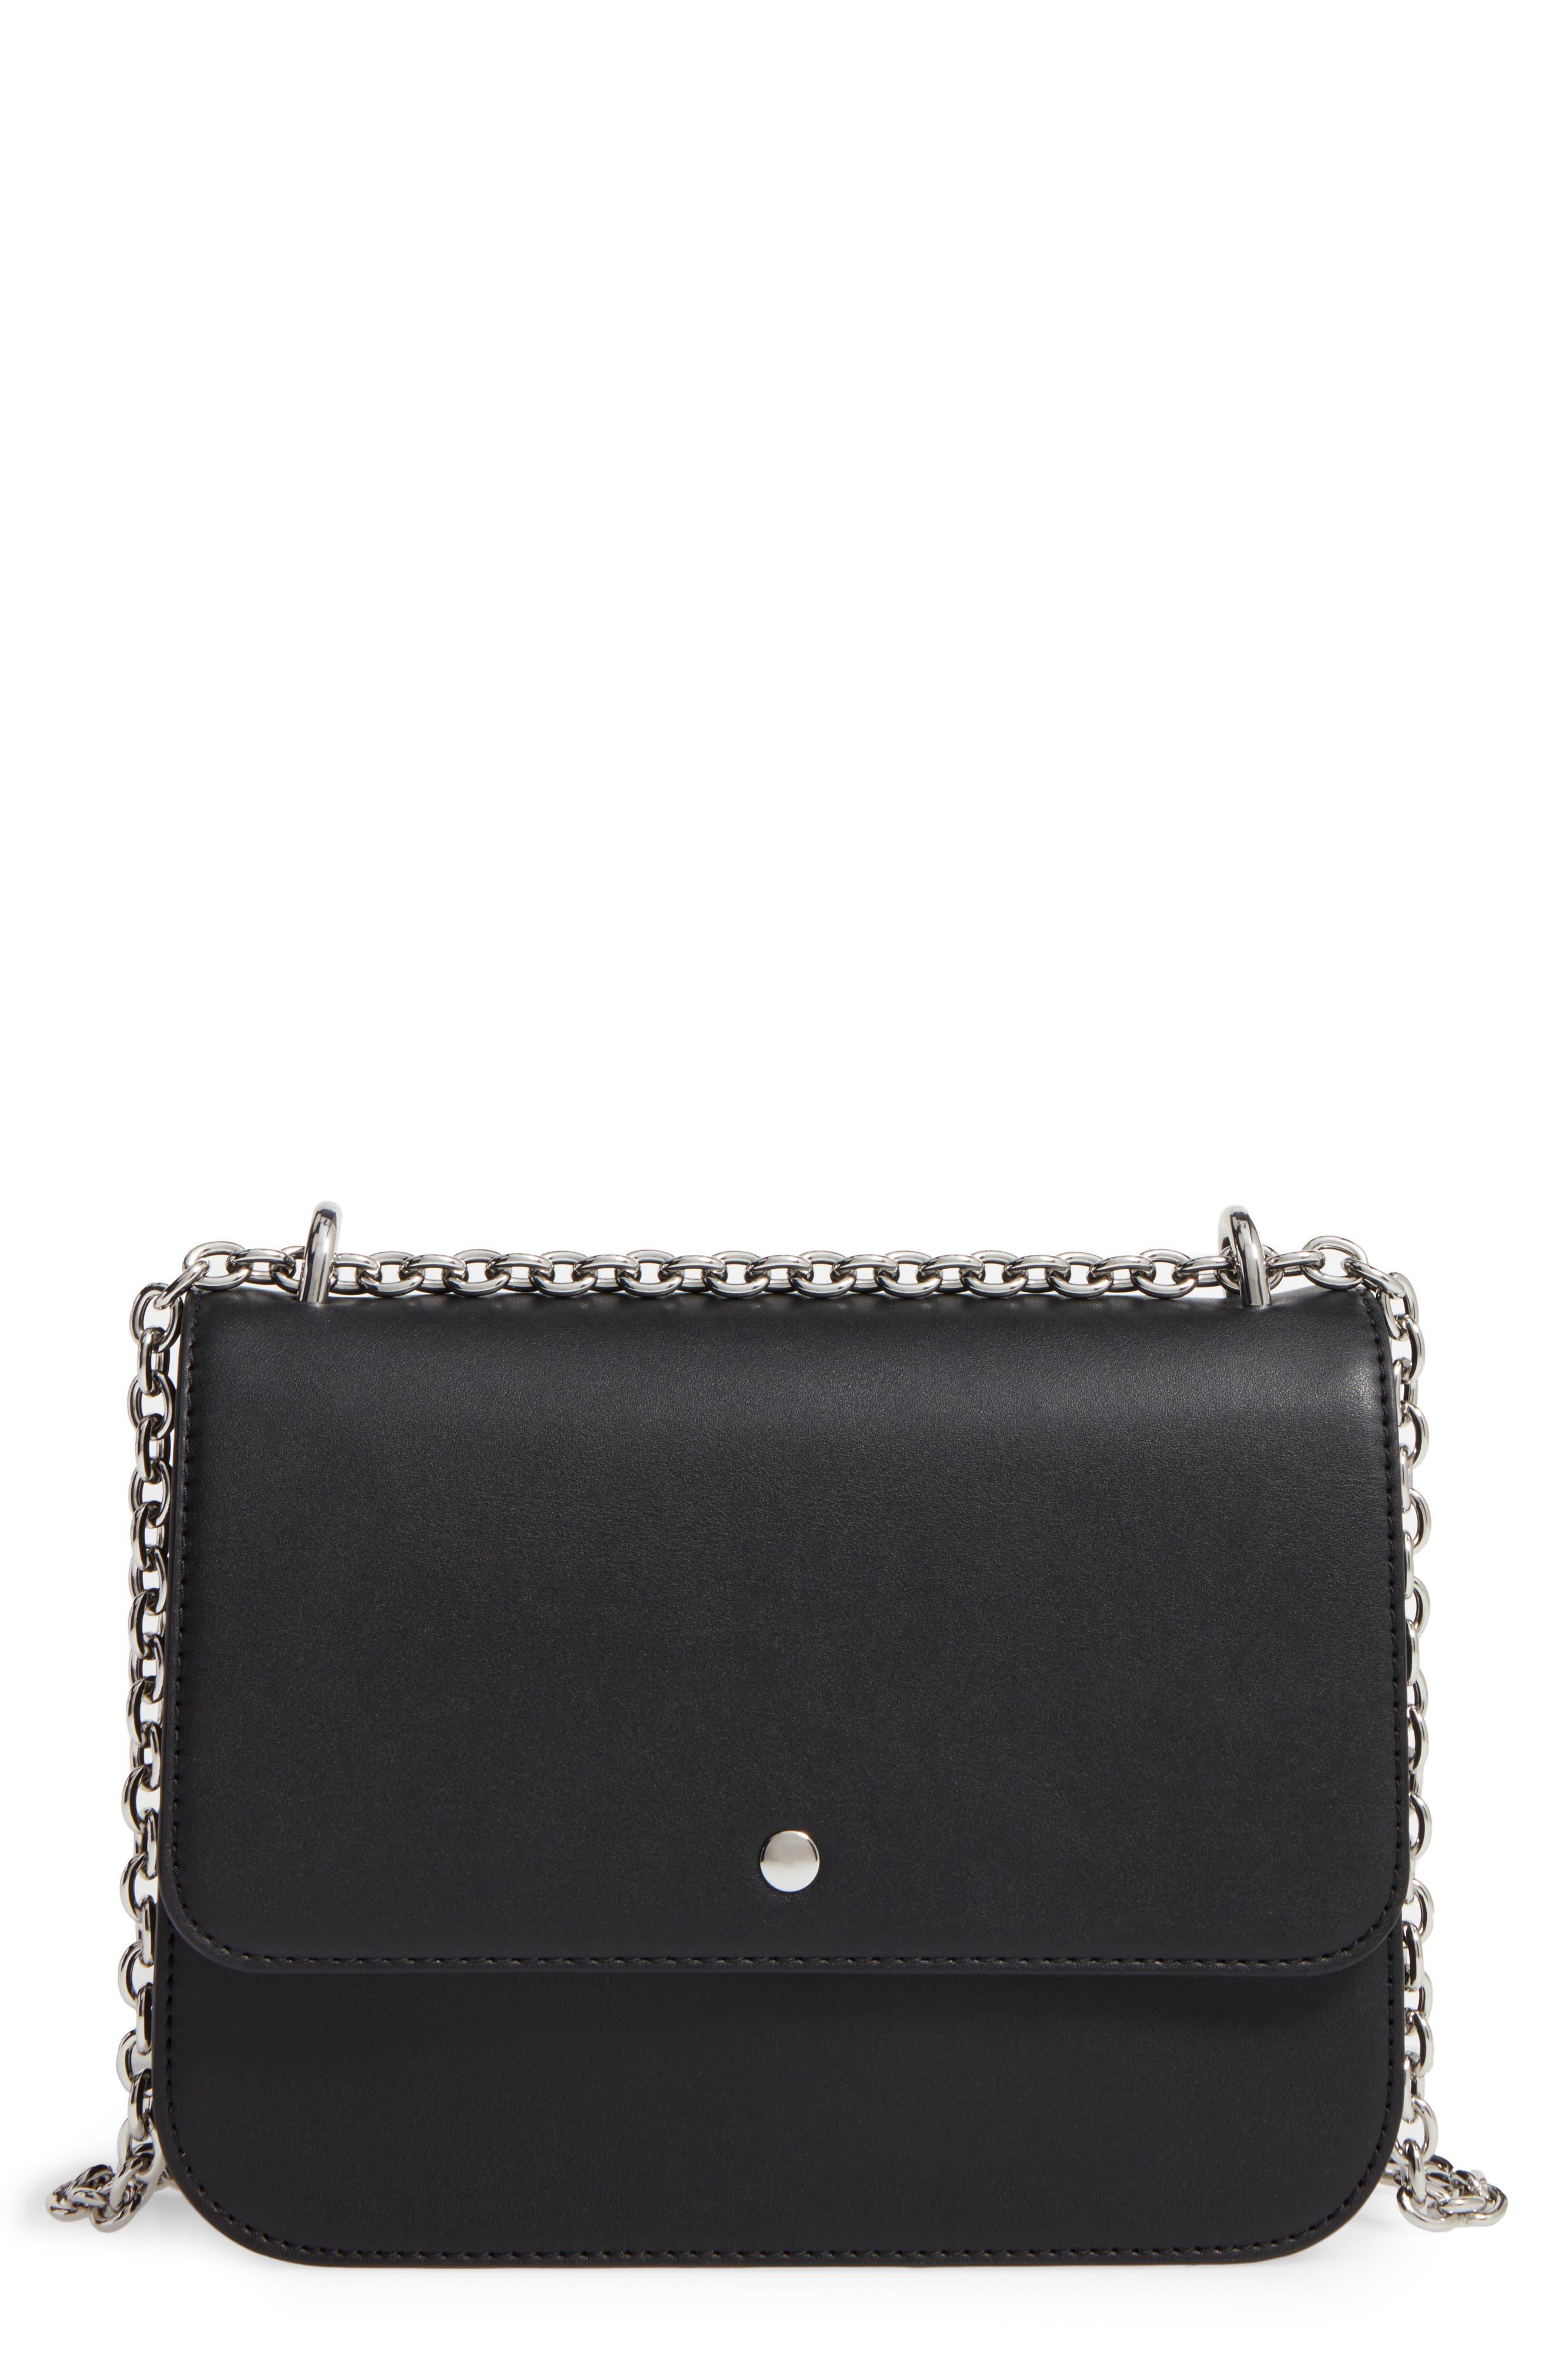 CHELSEA28, Dahlia Faux Leather Shoulder Bag, Main thumbnail 1, color, 001